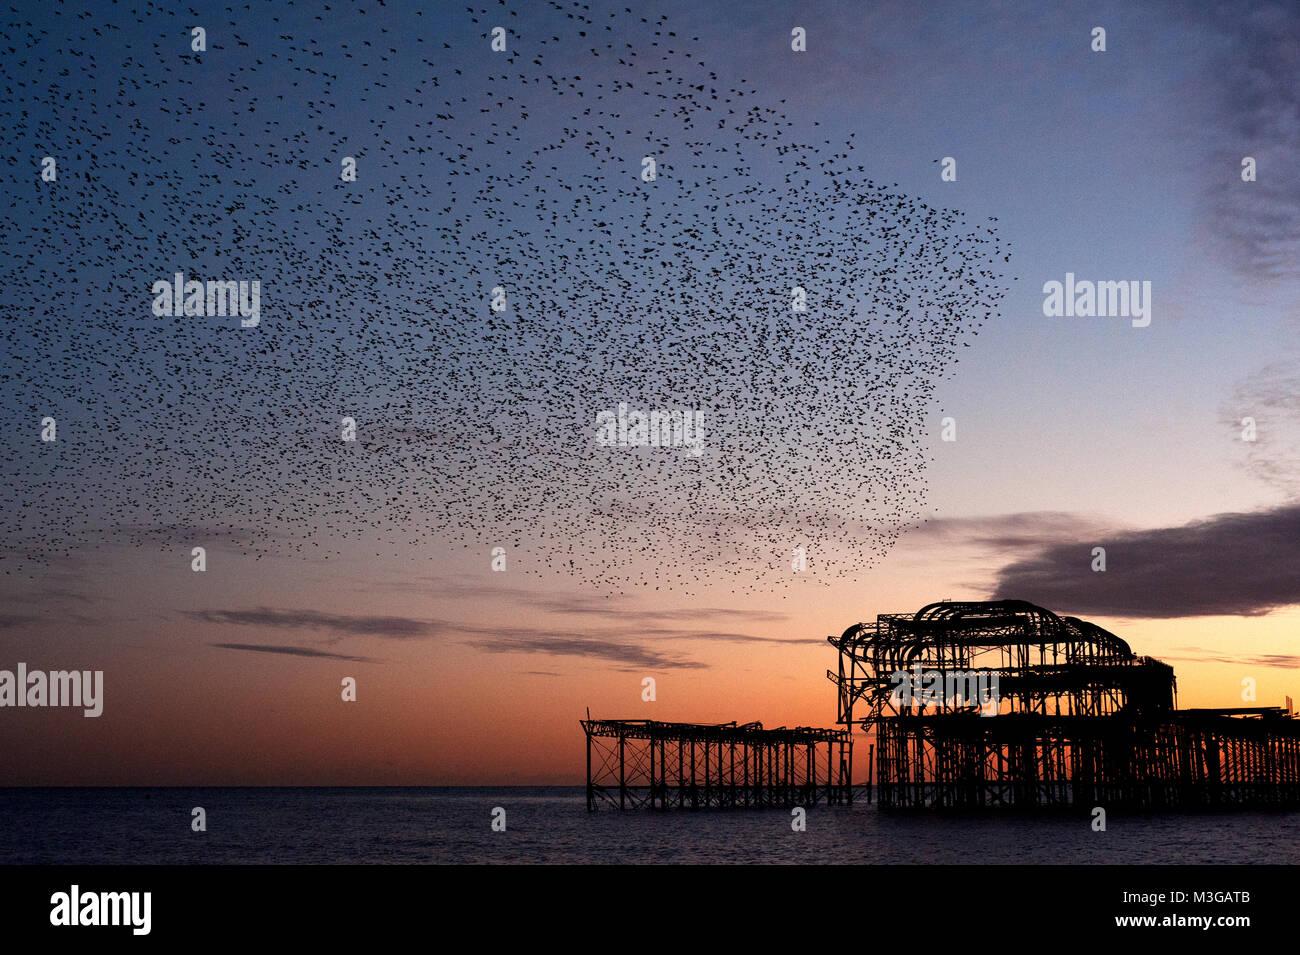 Murmuration sobre las ruinas del West Pier de Brighton, en la costa sur de Inglaterra. Una Bandada de estorninos aterriza sobre el muelle al atardecer antes de posarse. Foto de stock